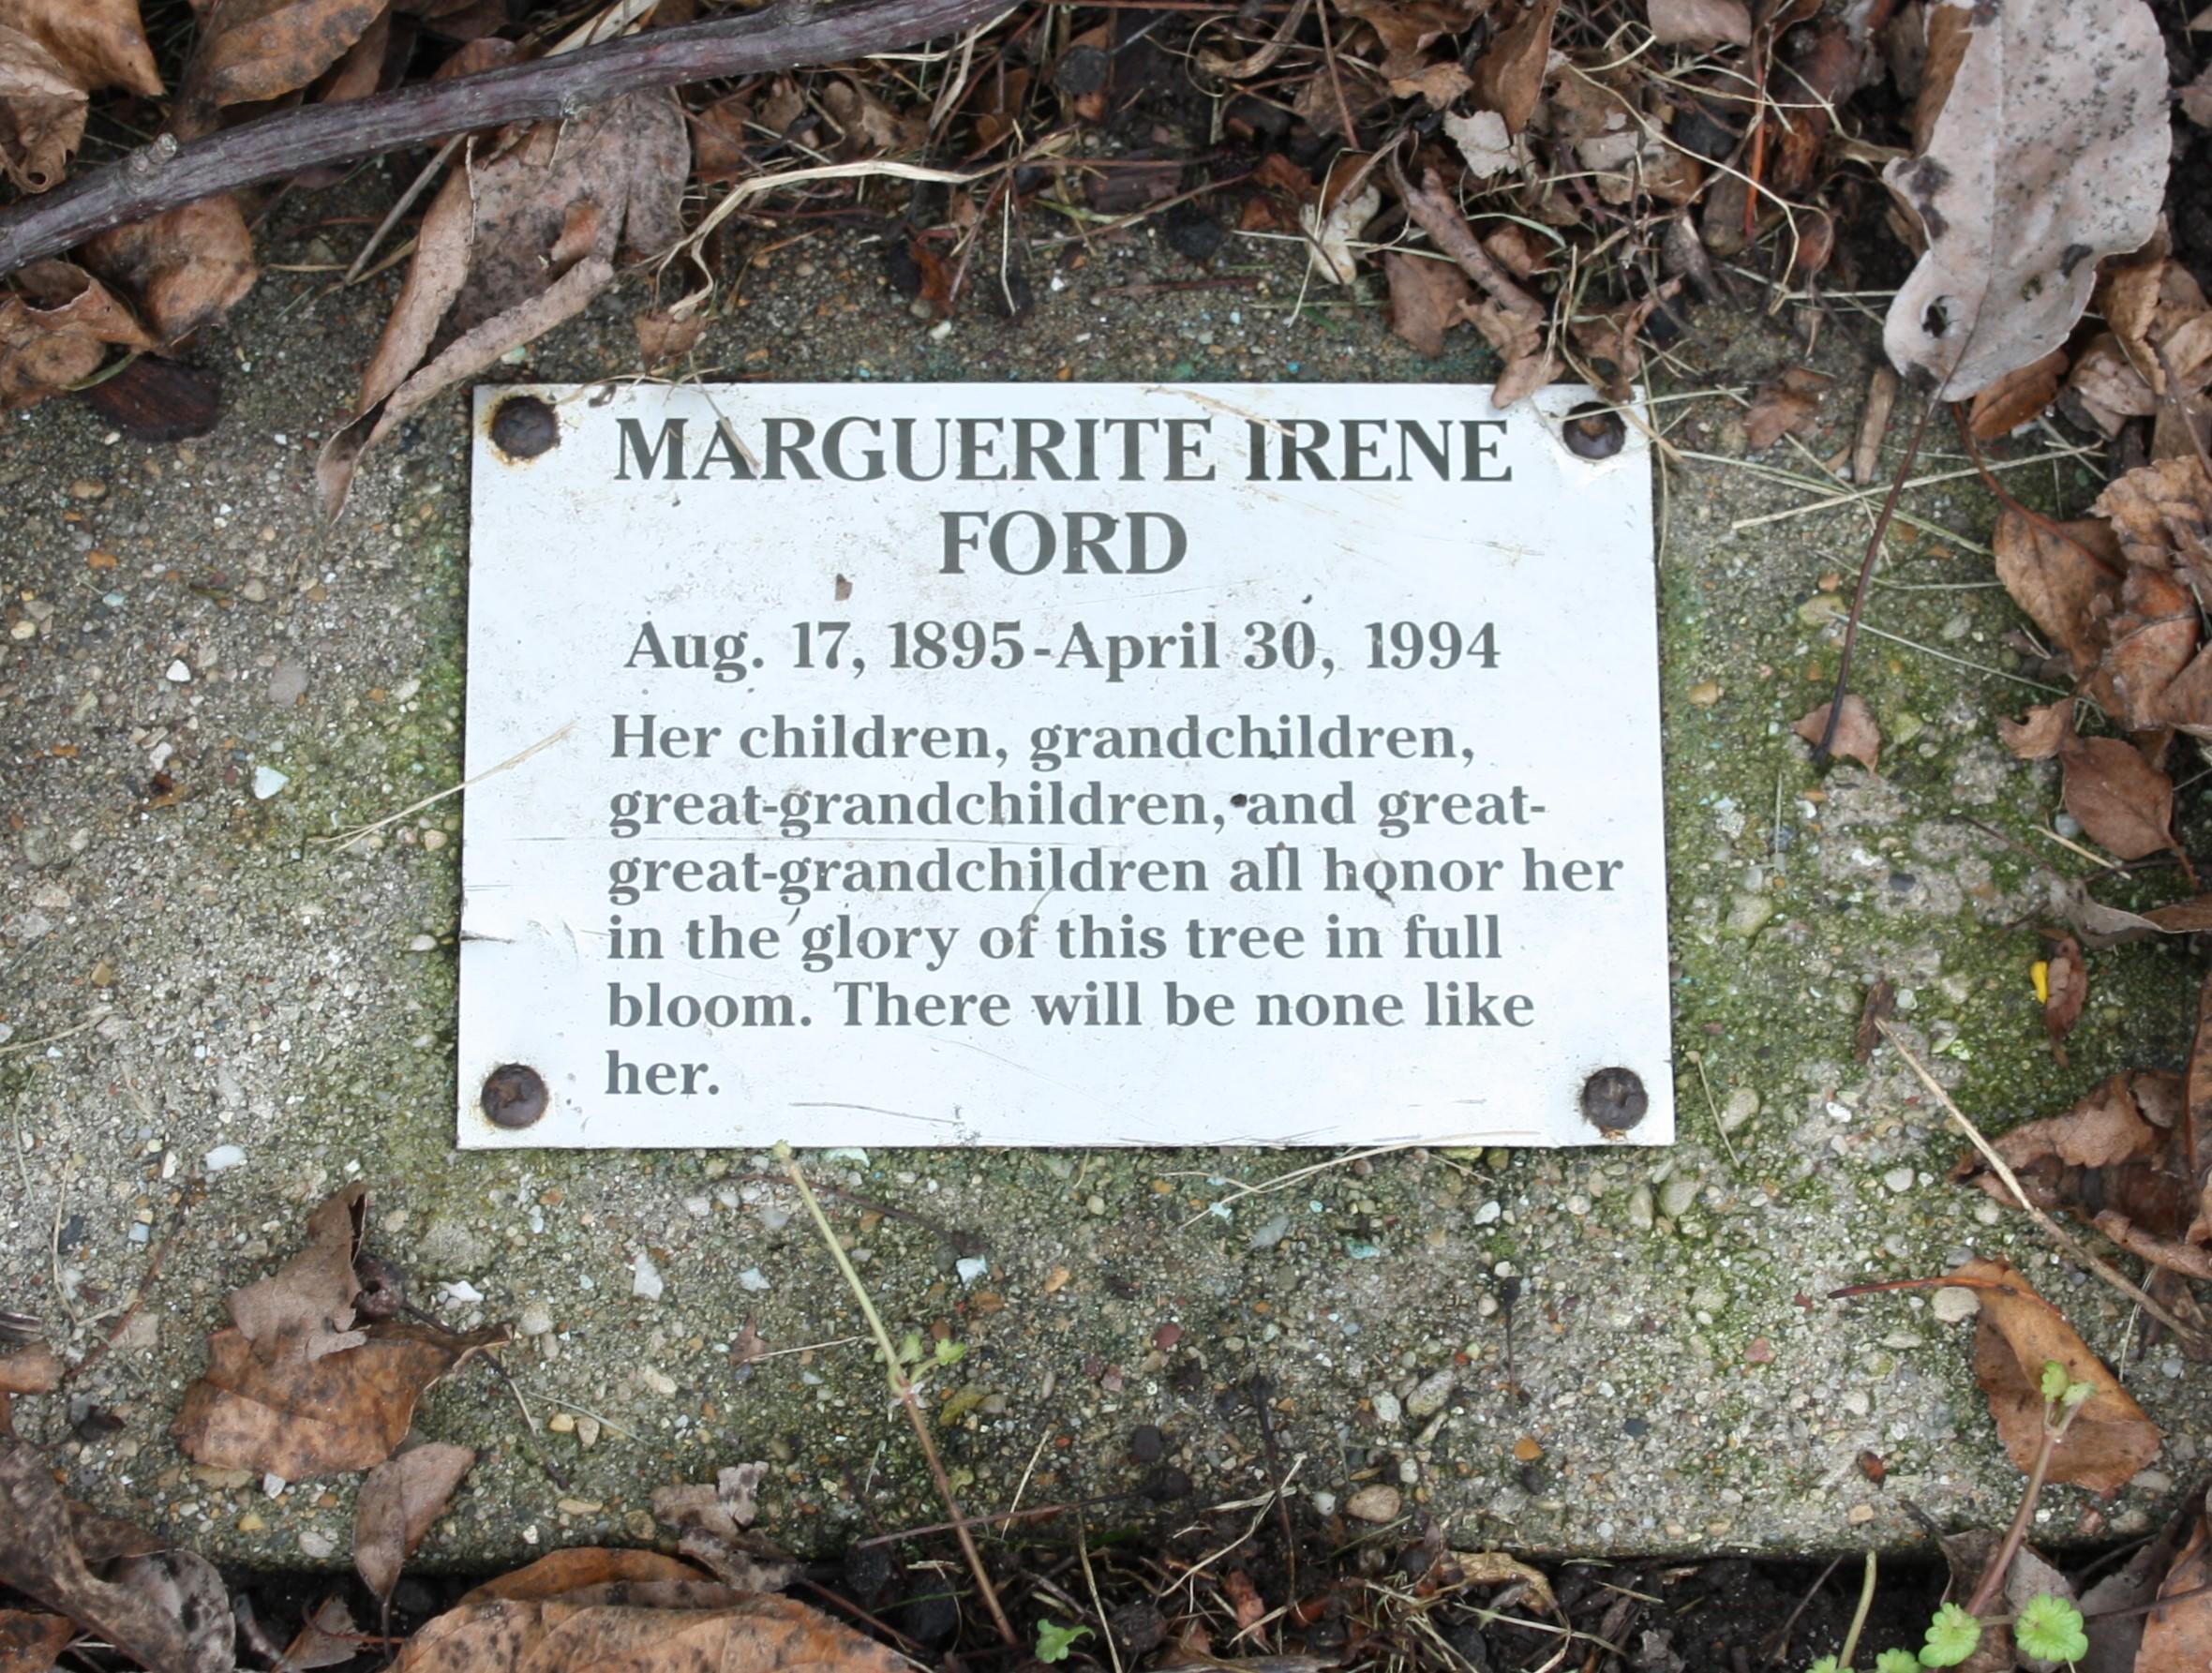 Marguerite Irene Ford